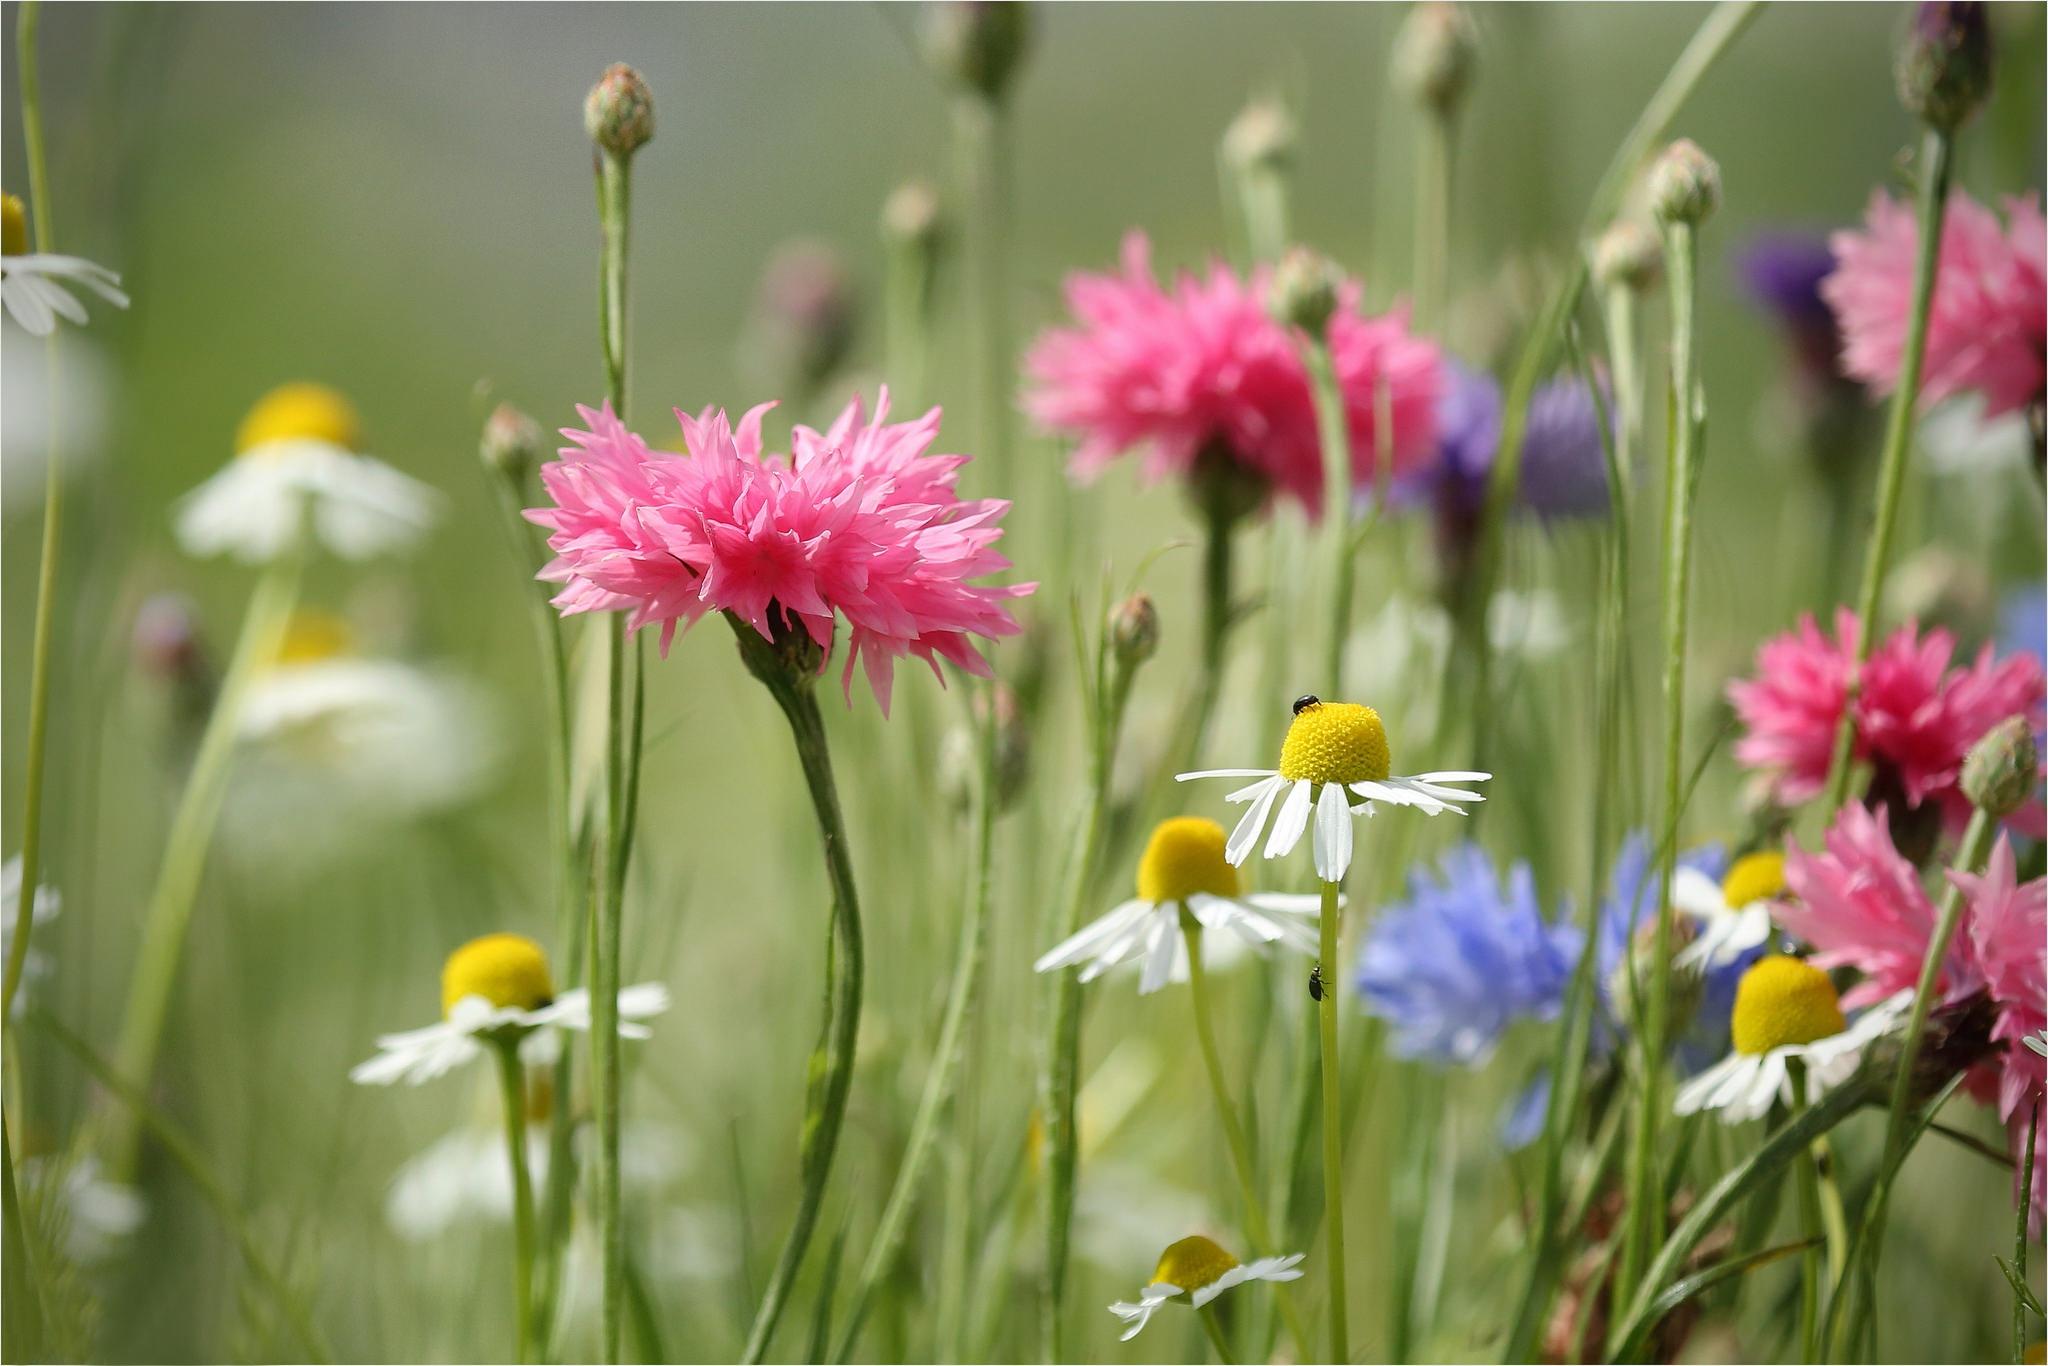 Фото картинки полевые цветы летом